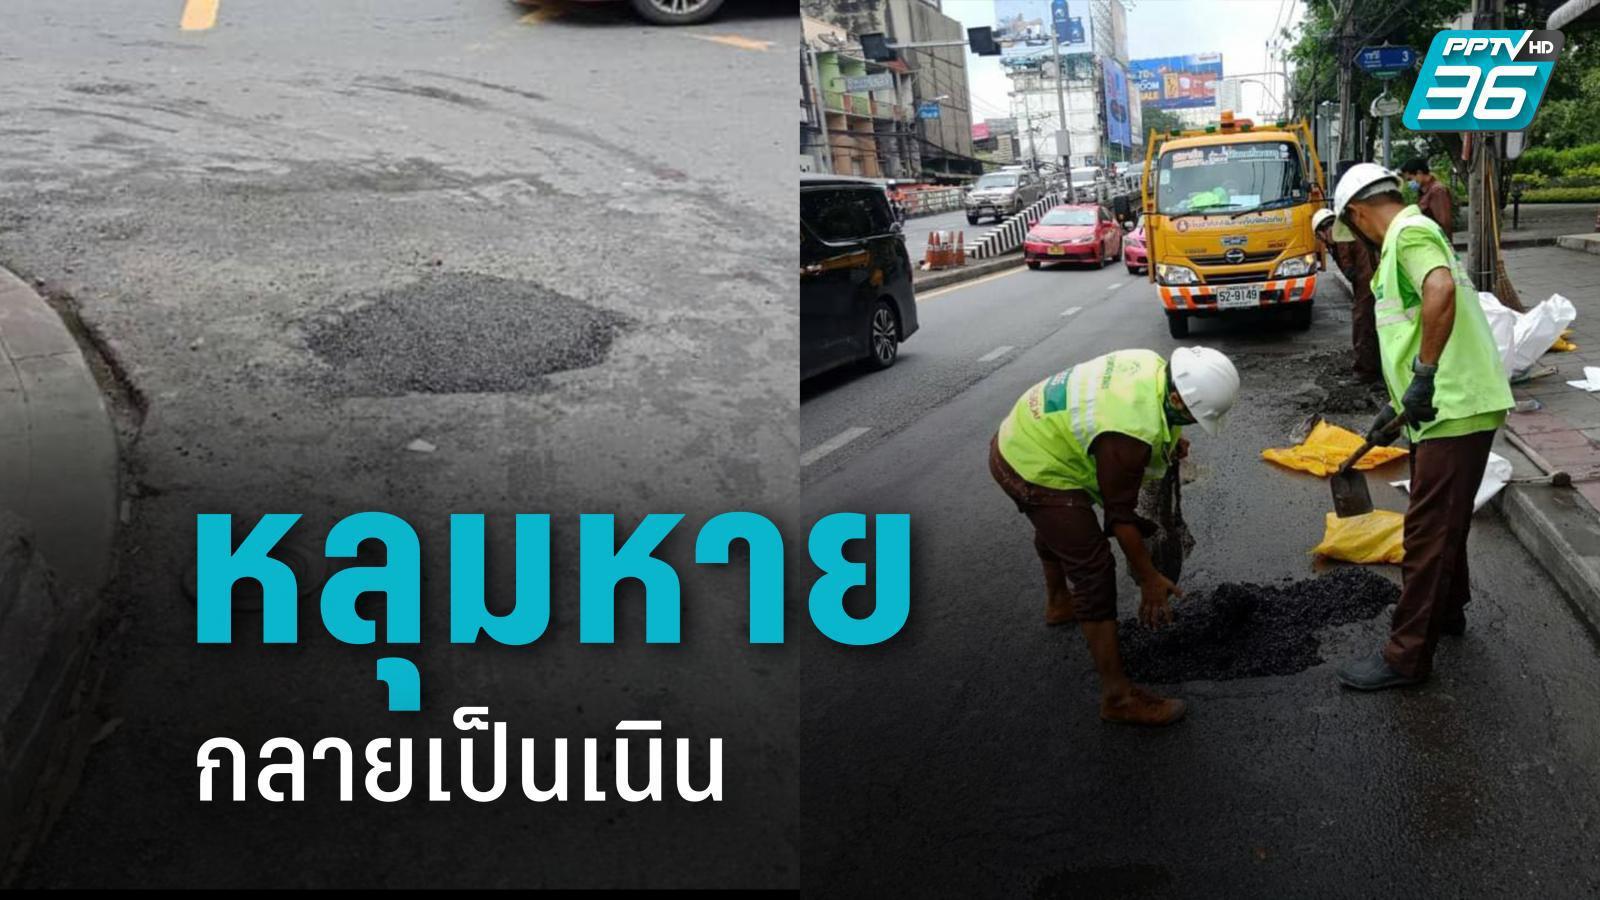 ชาวเน็ตจวกยับ เขตราชเทวี โชว์ซ่อมถนนด่วนทันใจ เหมือนผักชีโรยหน้า!